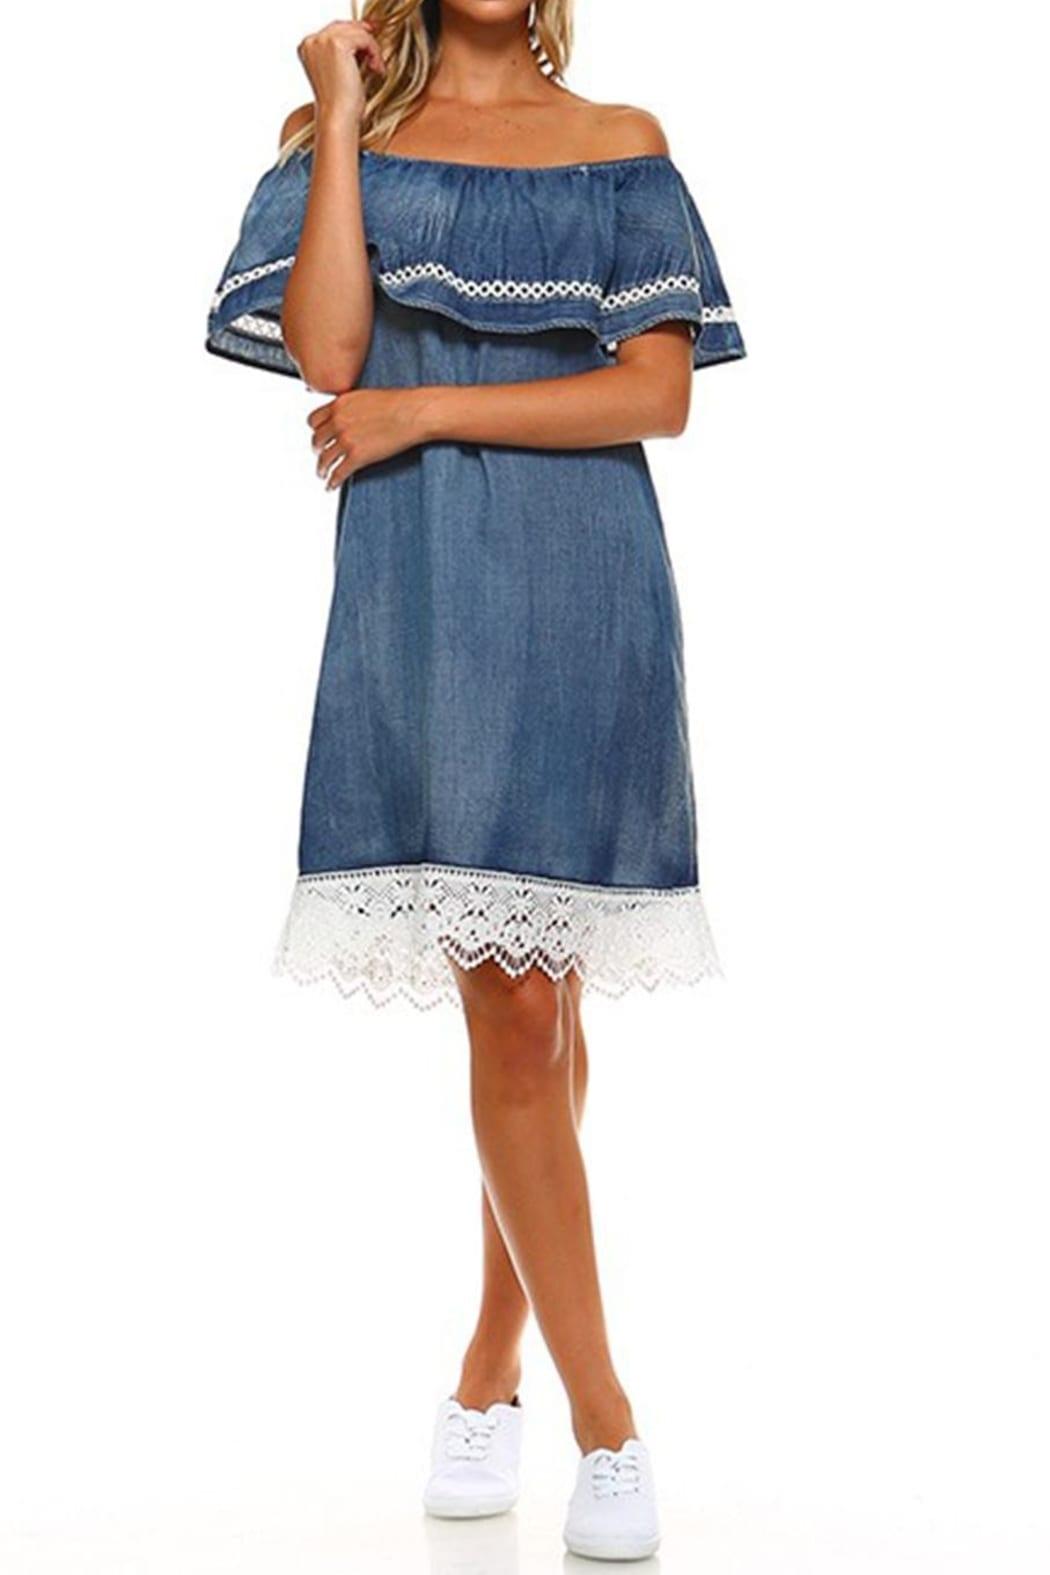 DOR L'DOR Off Shoulder Blue Dress